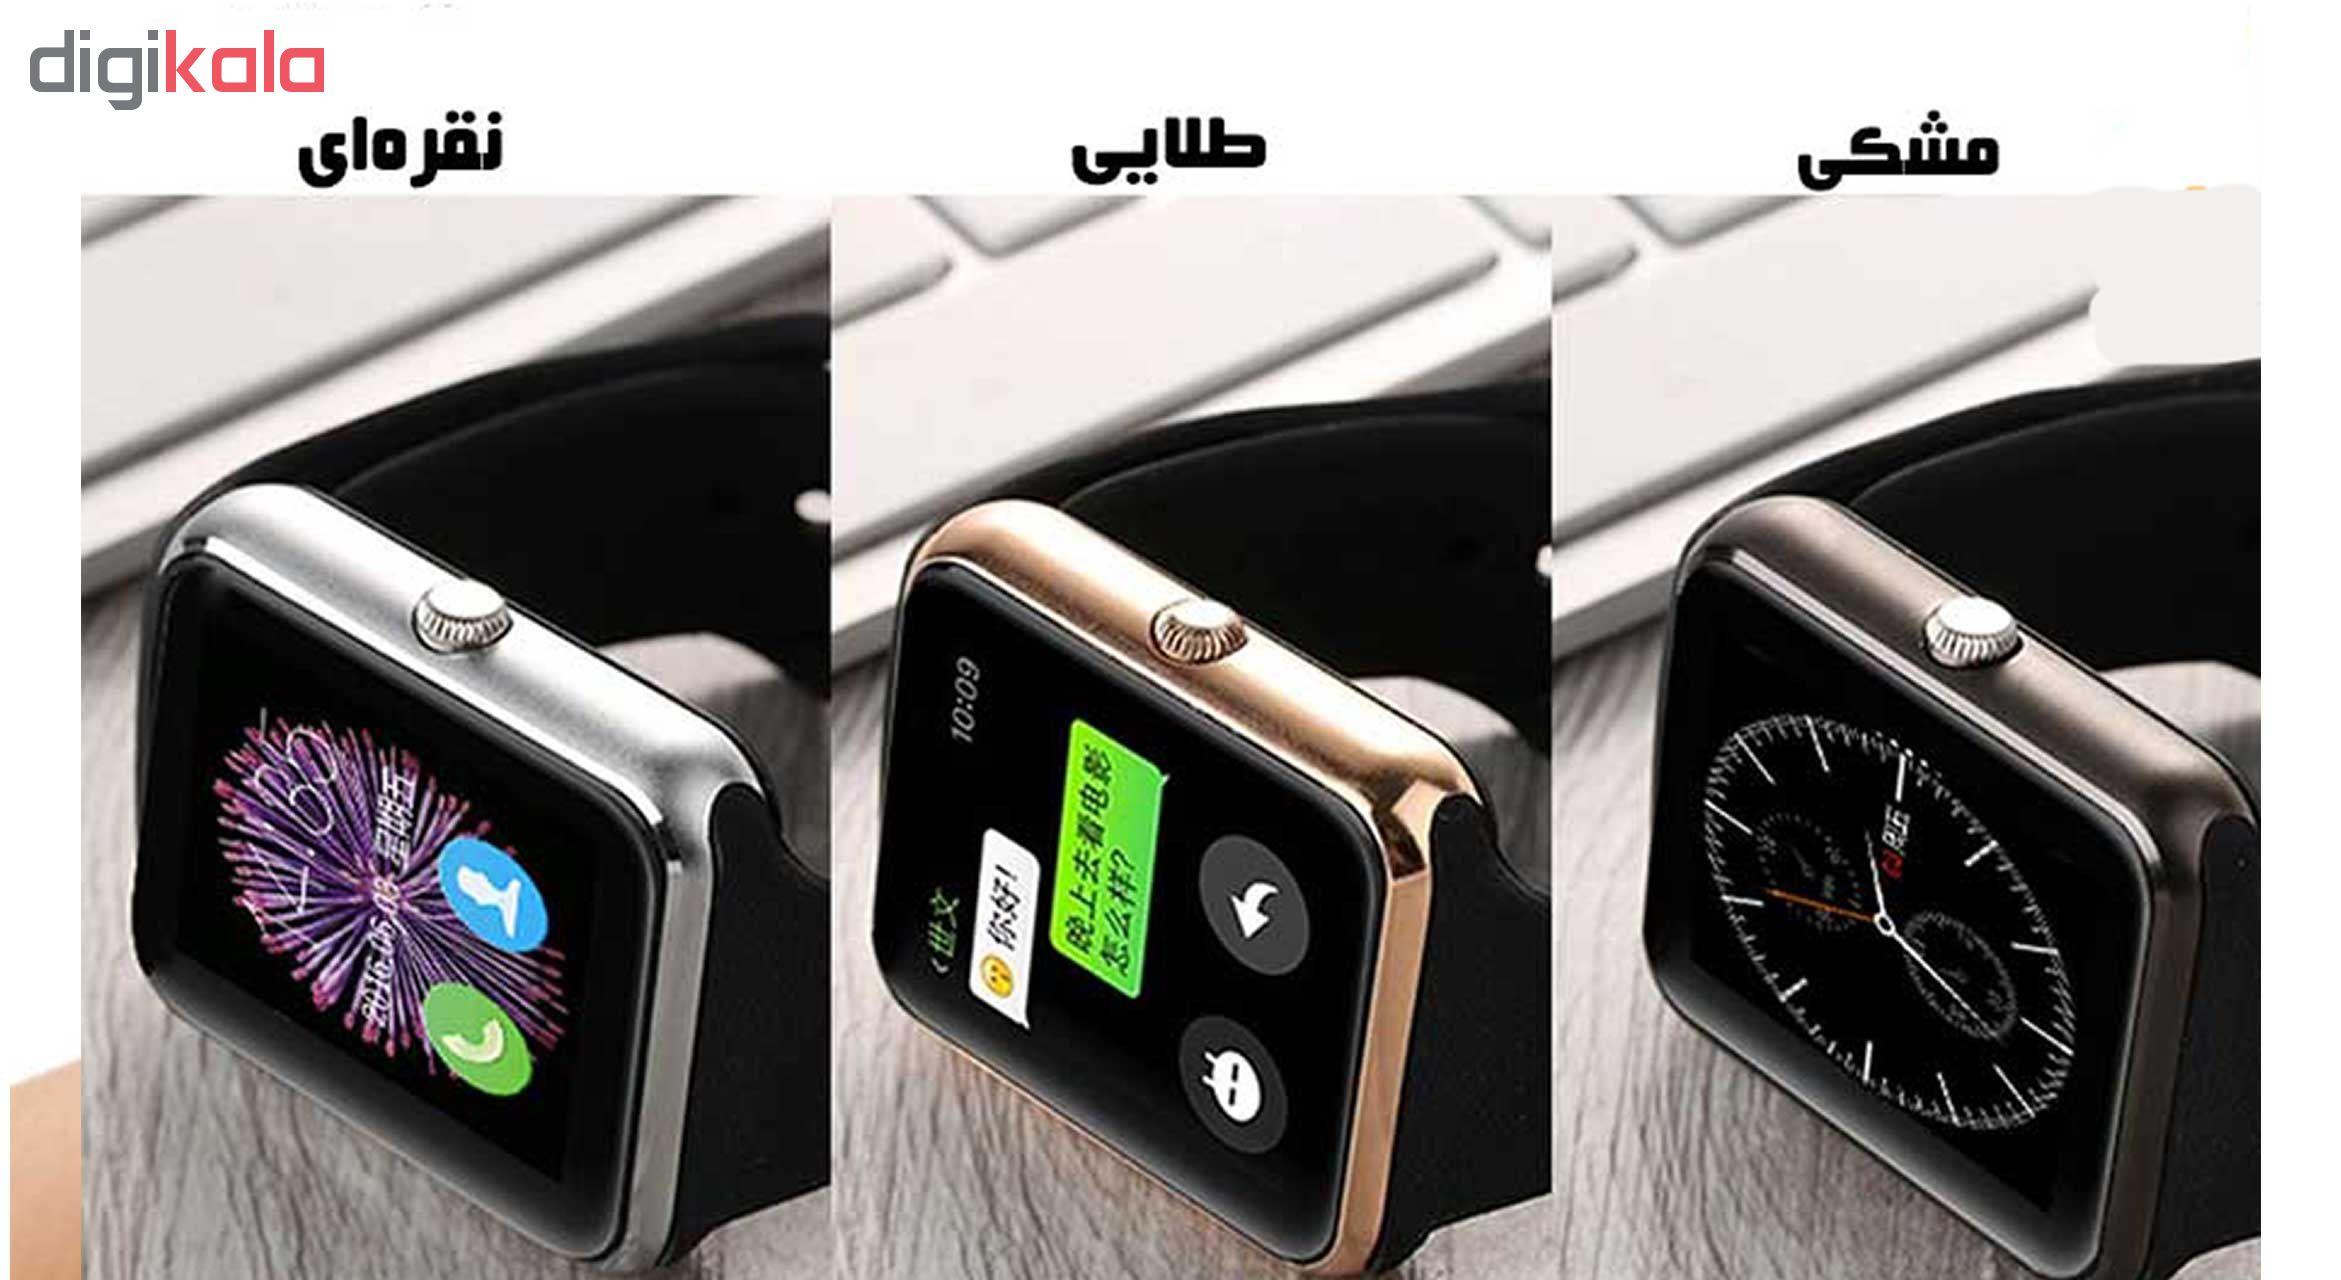 ساعت هوشمند مدل Q7sp همراه محافظ صفحه نمایش شیدتگ main 1 9